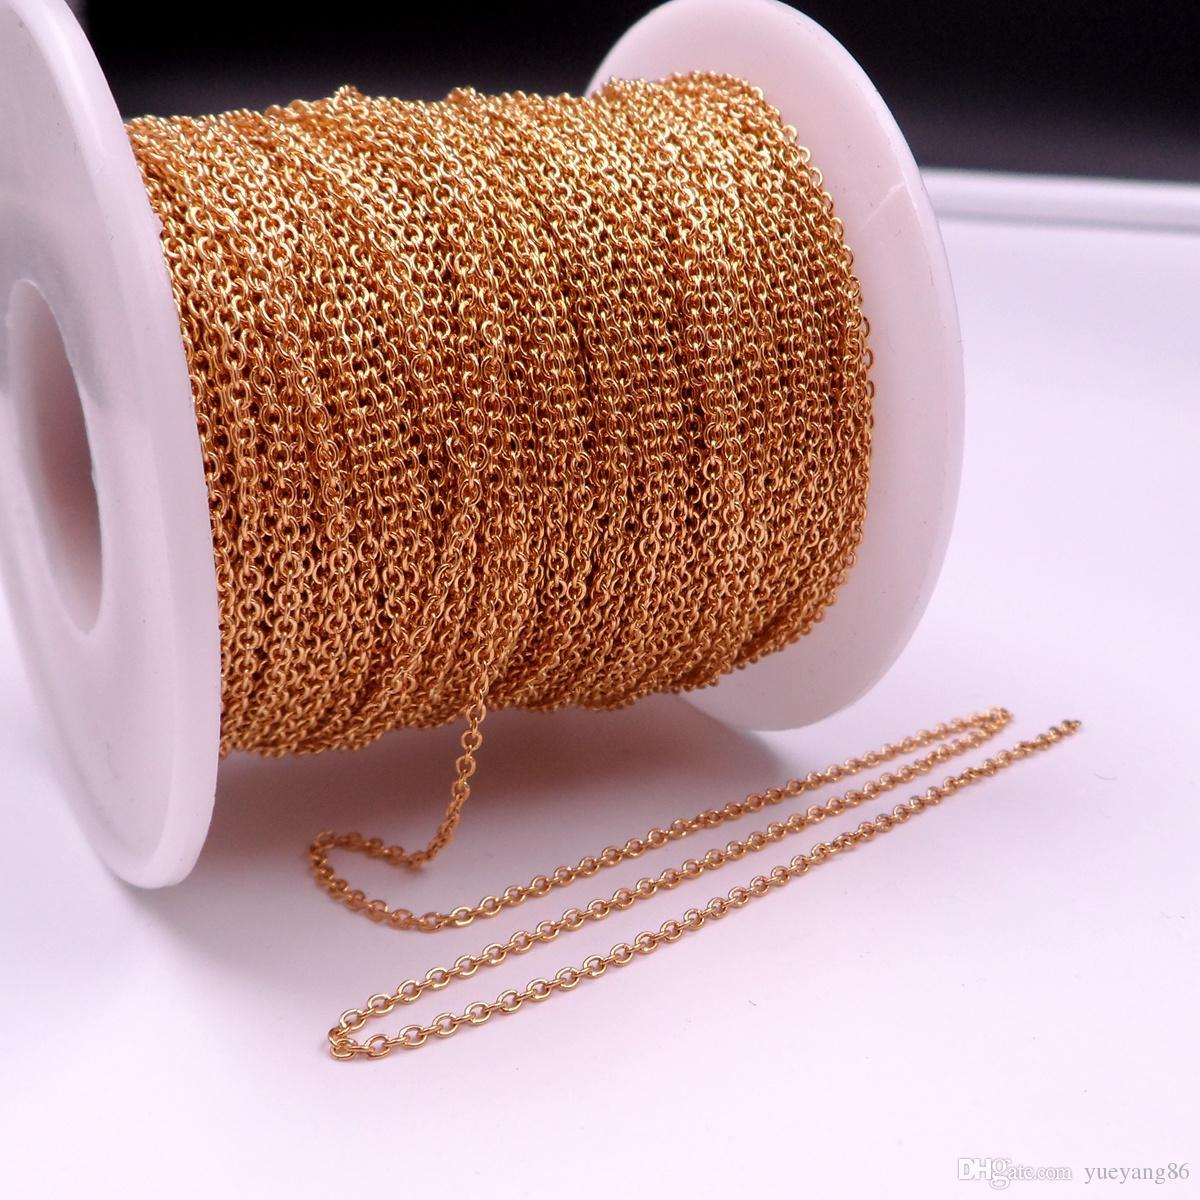 GNAYY 10 metri lotto in massa placcato oro liscio ovale o rolo catena in acciaio inox fai da te jewlery catena di marcatura 1.5mm / 2mm